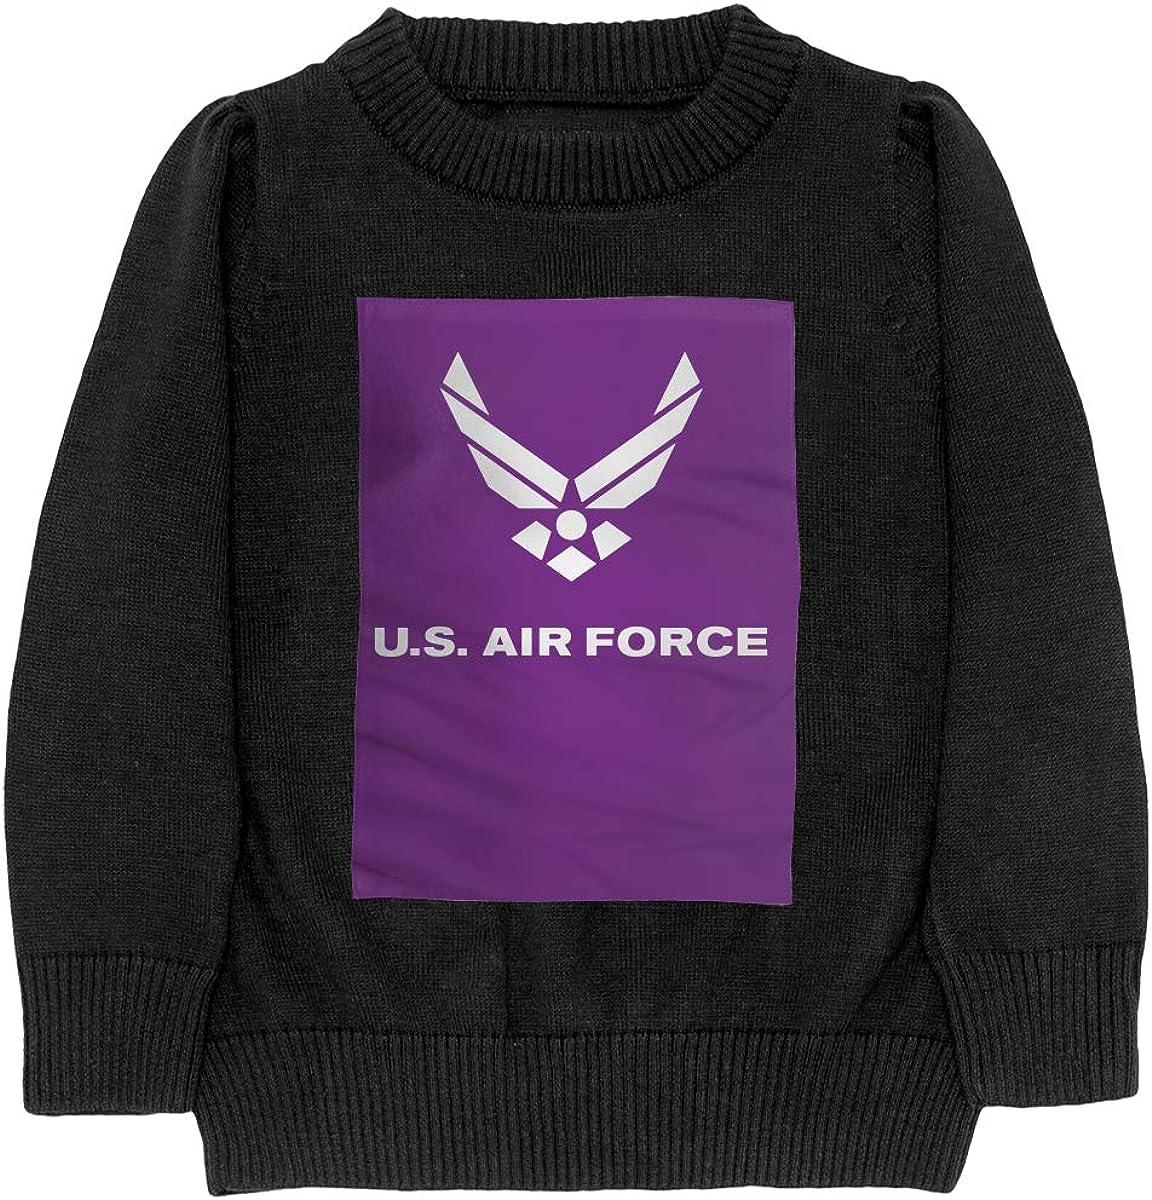 WWTBBJ-B Air Force Symbol Fashion Adolescent Boys /& Girls Unisex Sweater Keep Warm